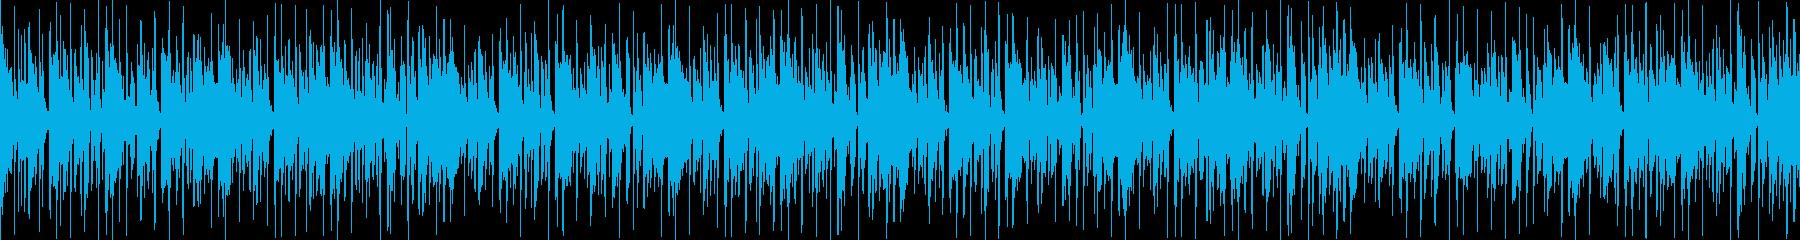 大人な雰囲気/ジャズ ハウス 【ループ】の再生済みの波形